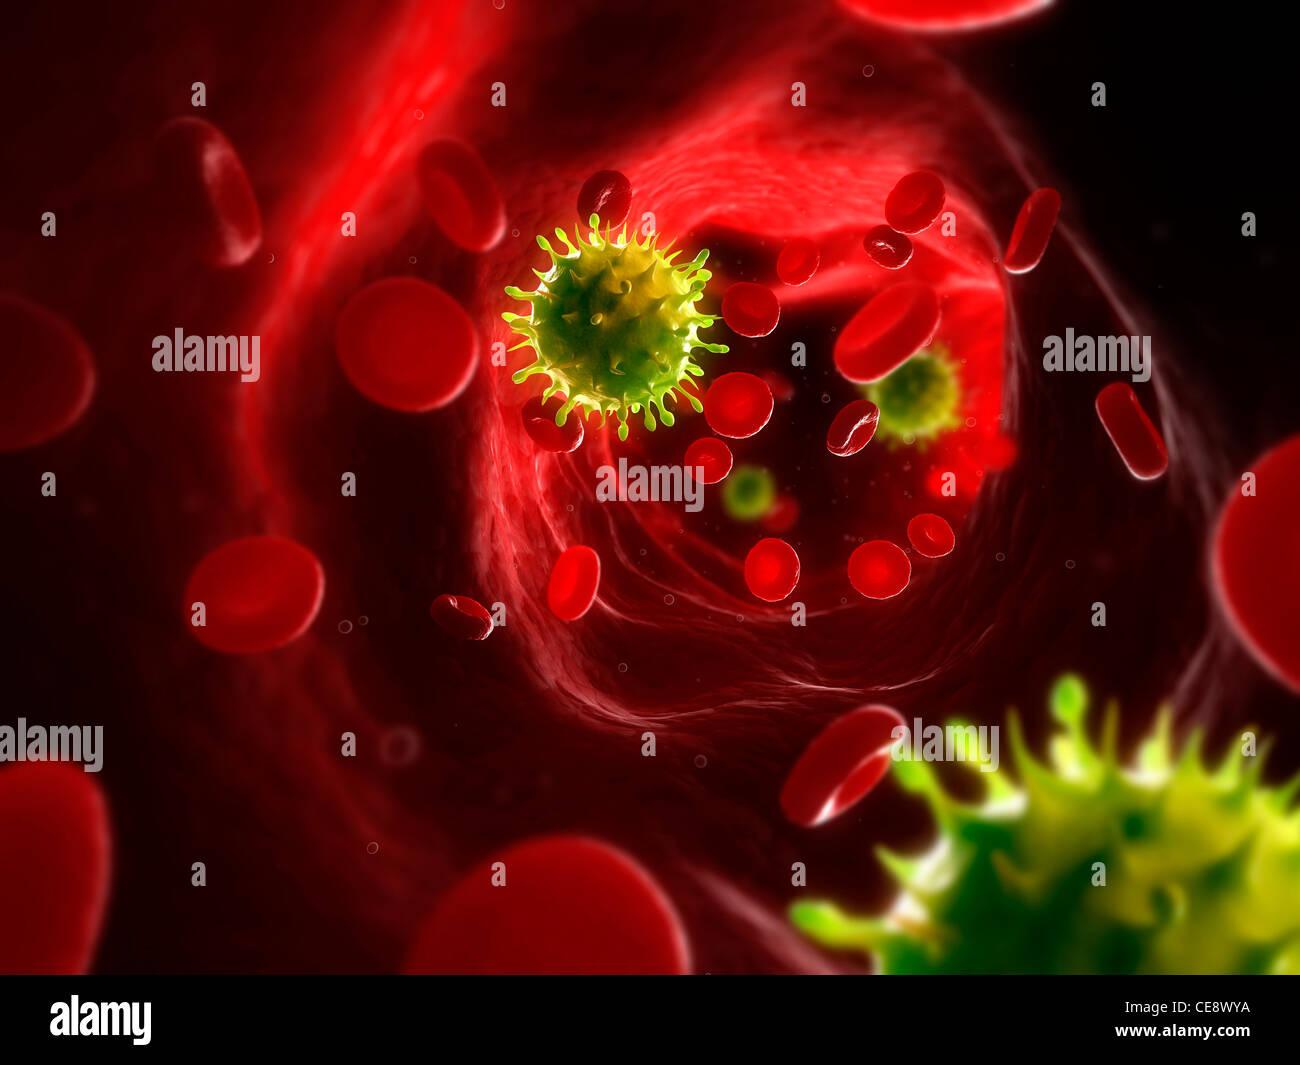 Infección viral, equipo conceptual ilustraciones. Las partículas del virus en el torrente sanguíneo. Imagen De Stock